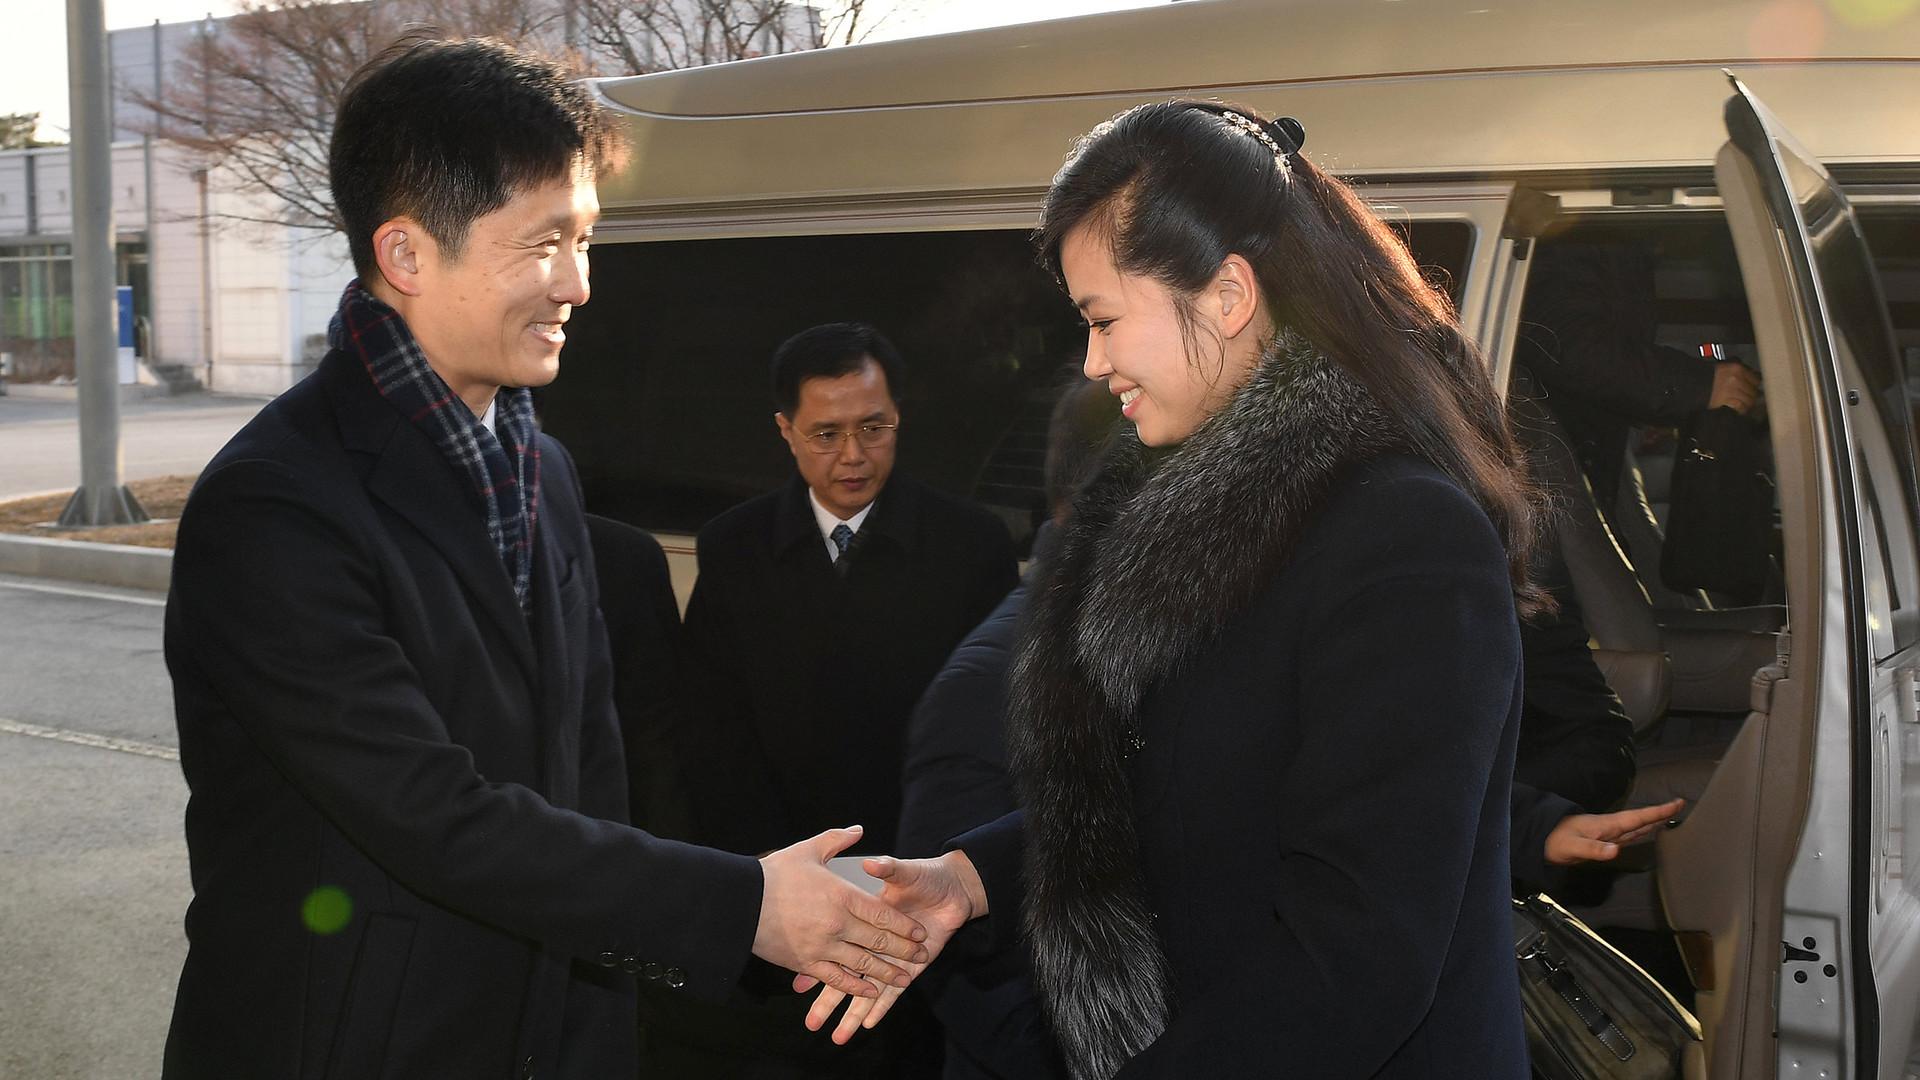 На высокой ноте: в Сеул приехала делегация КНДР во главе с любимой певицей Ким Чен Ына